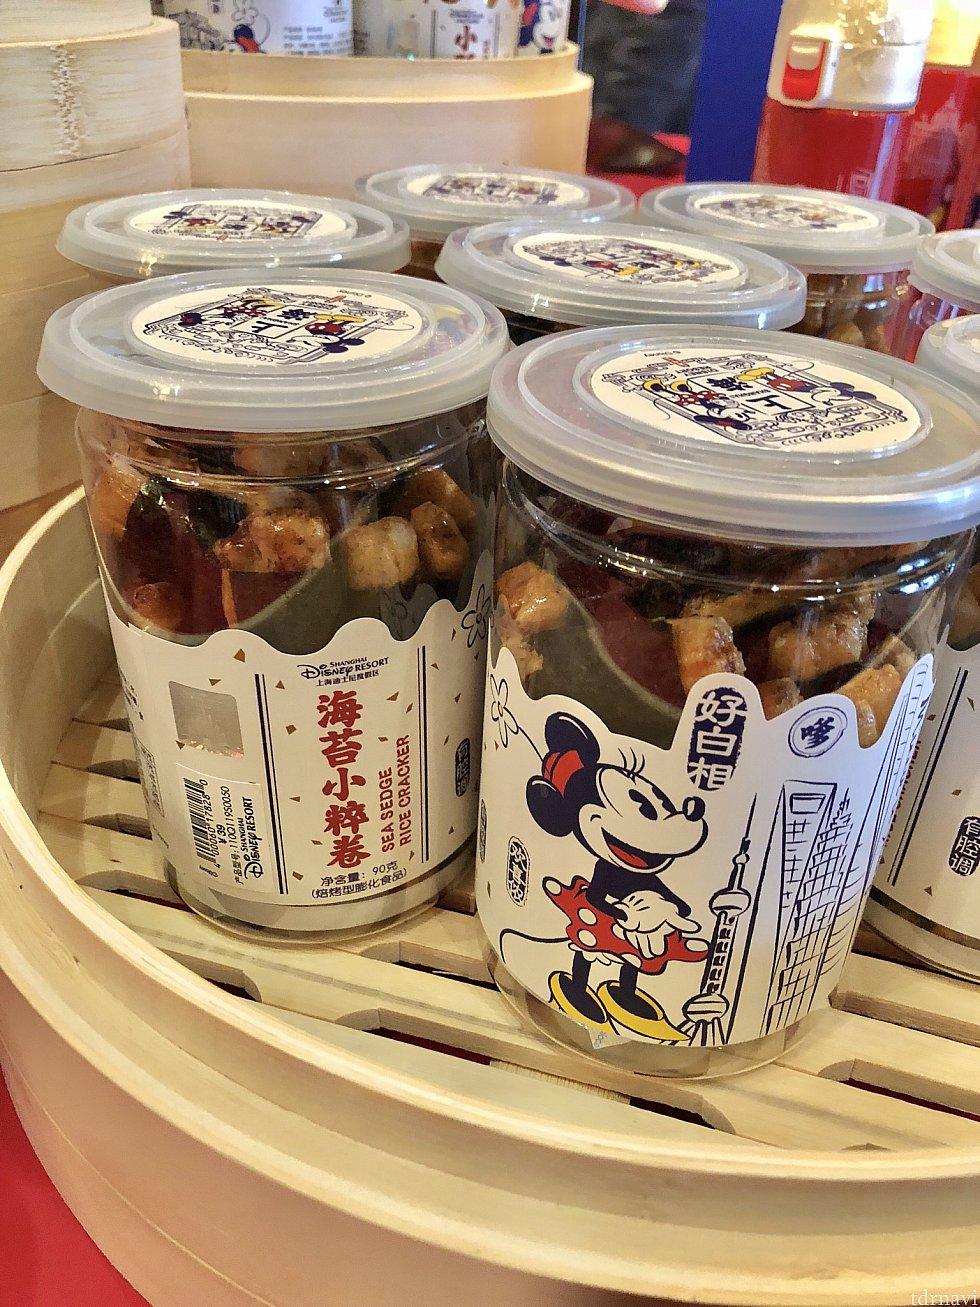 お菓子は3種類、各39元。 こちらは海苔巻きのミニせんべい